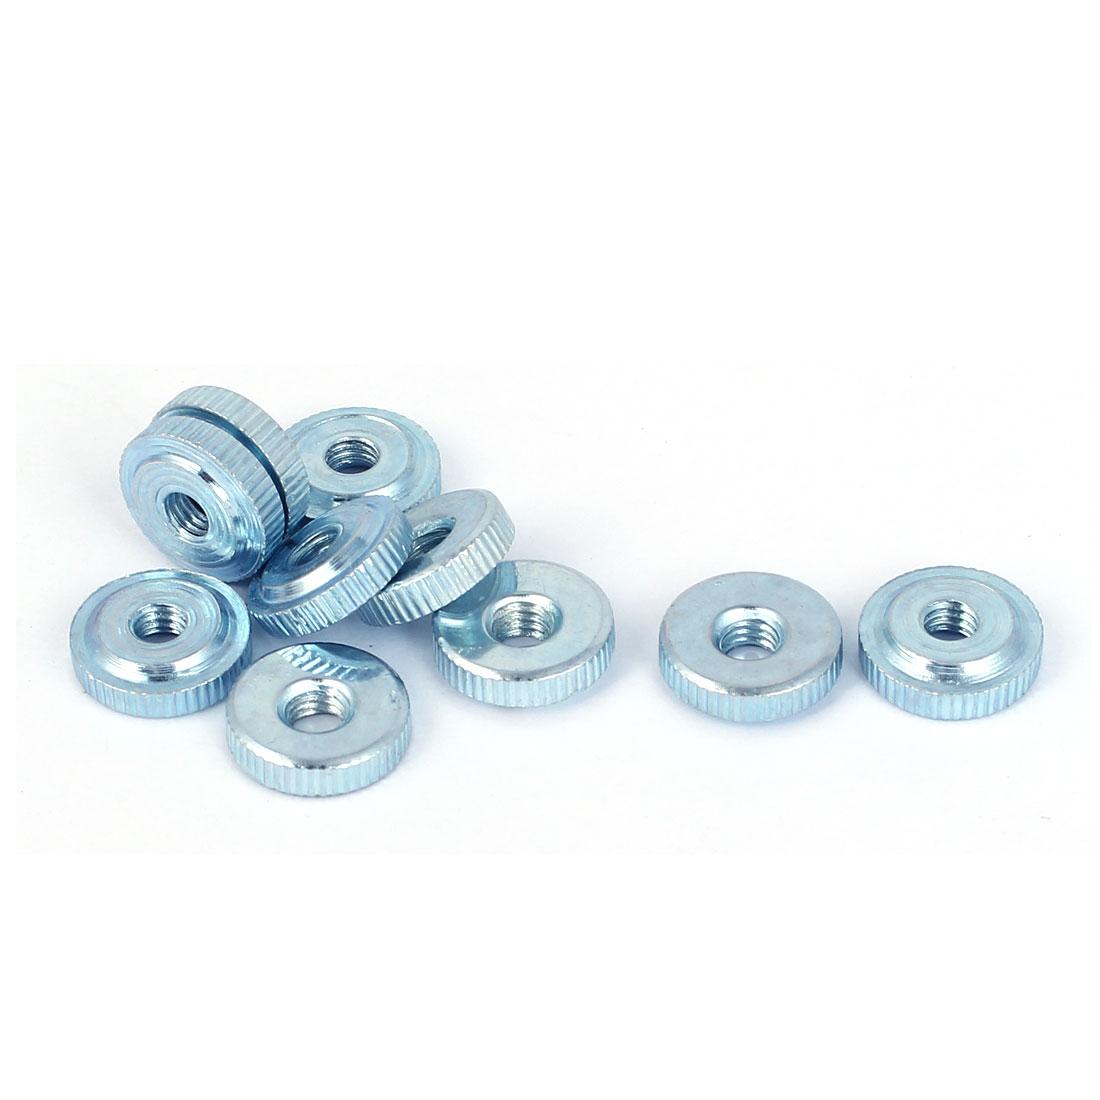 M4 Thread Carbon Steel Thin Type Knurled Flat Thumb Nuts Fastener 10pcs